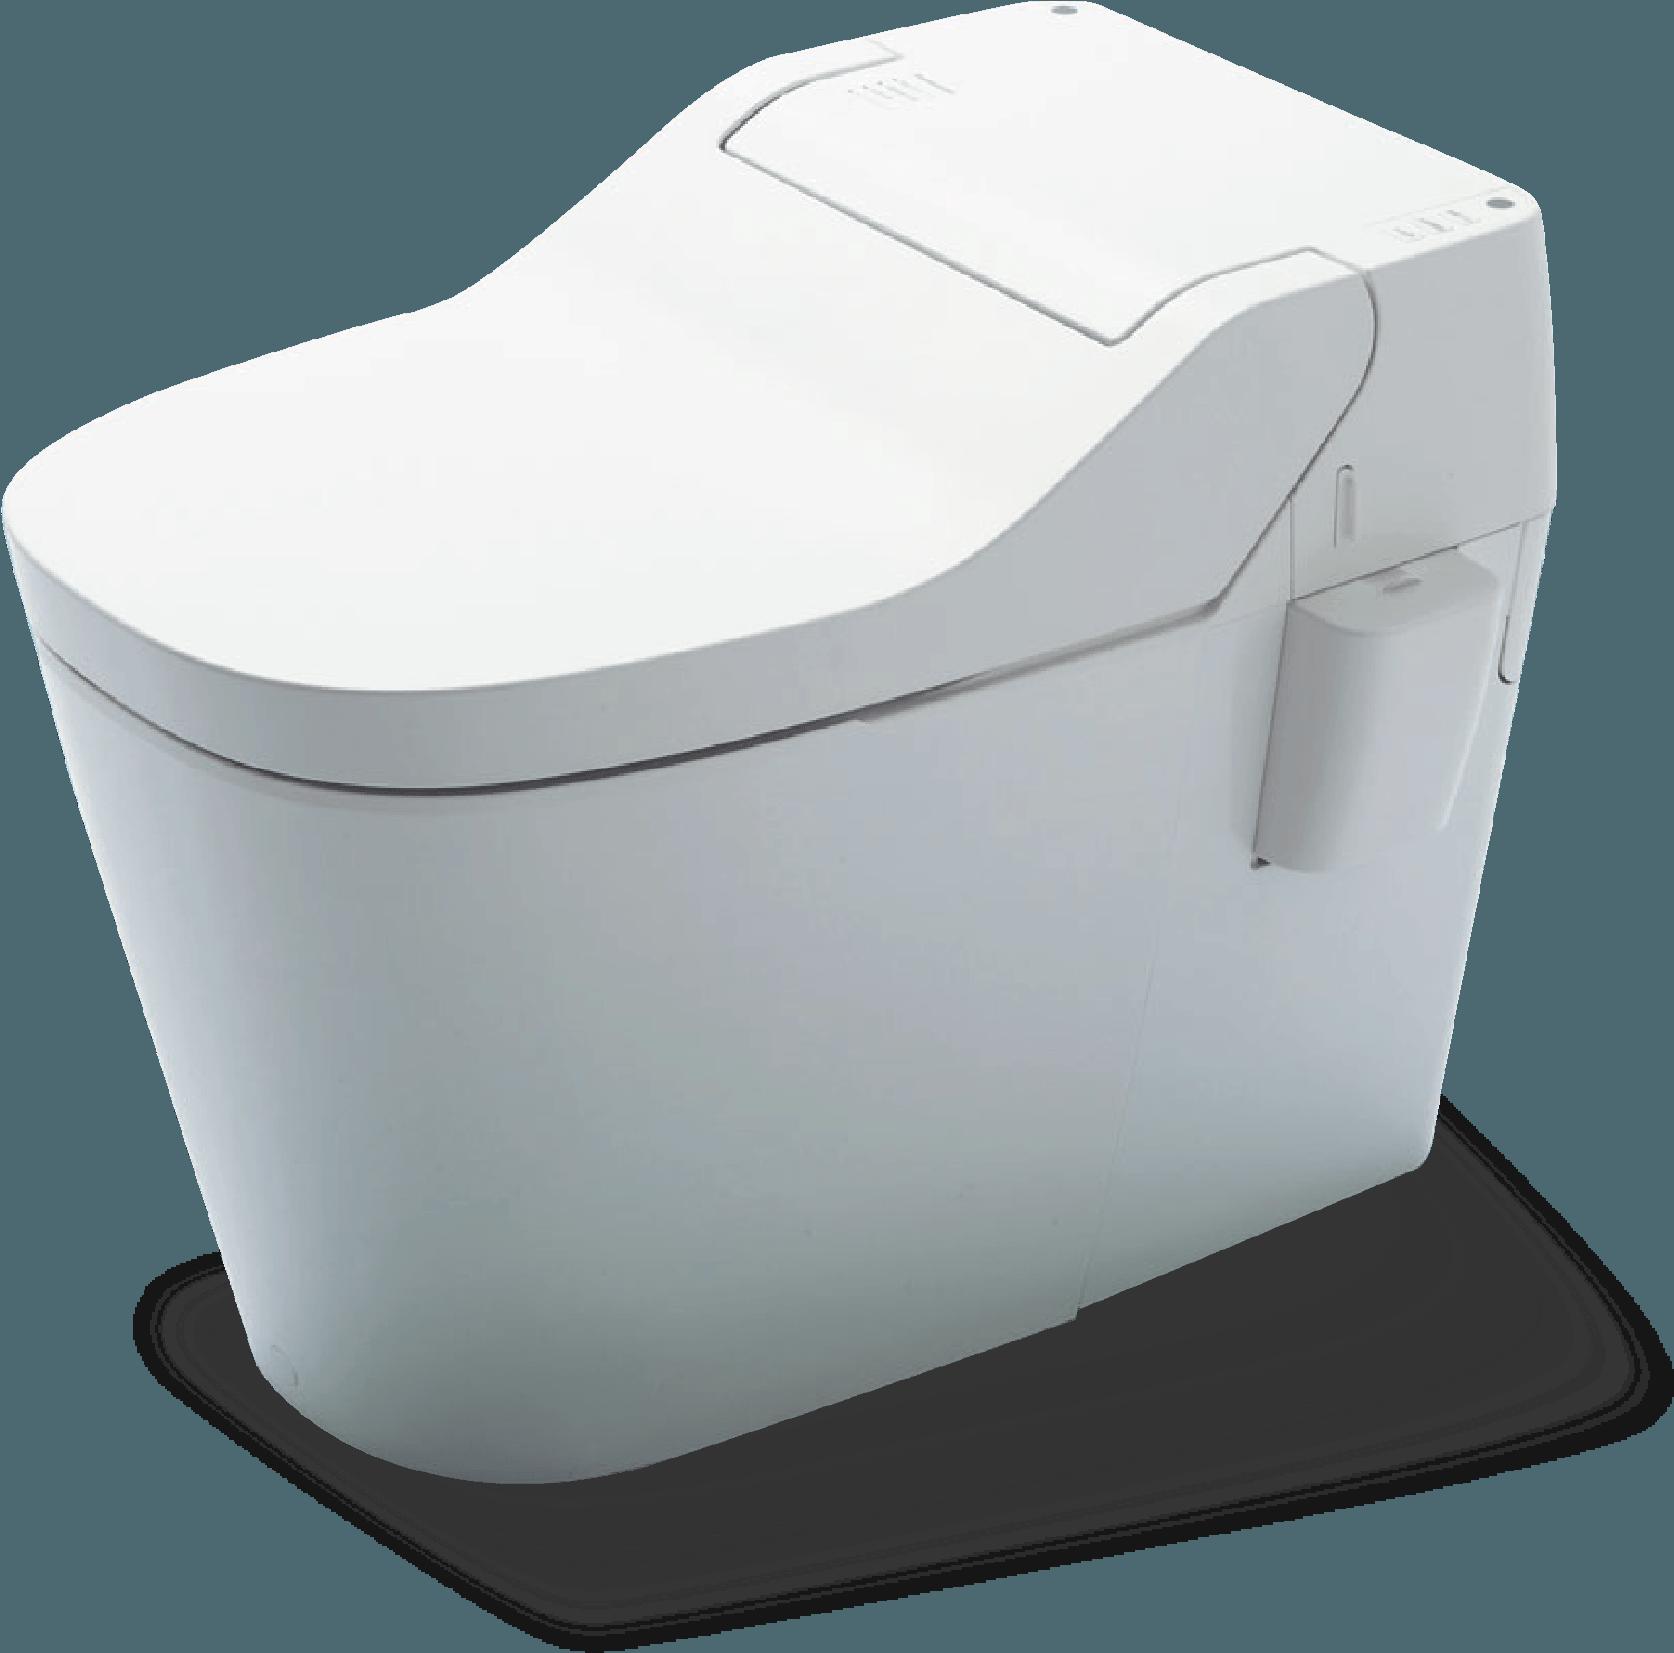 【限時下殺】Panasonic 全自動馬桶 A La Uno SⅡ 原廠保固一年 免治馬桶 防污防臭 馬桶座 日本製造 安裝拆除另計